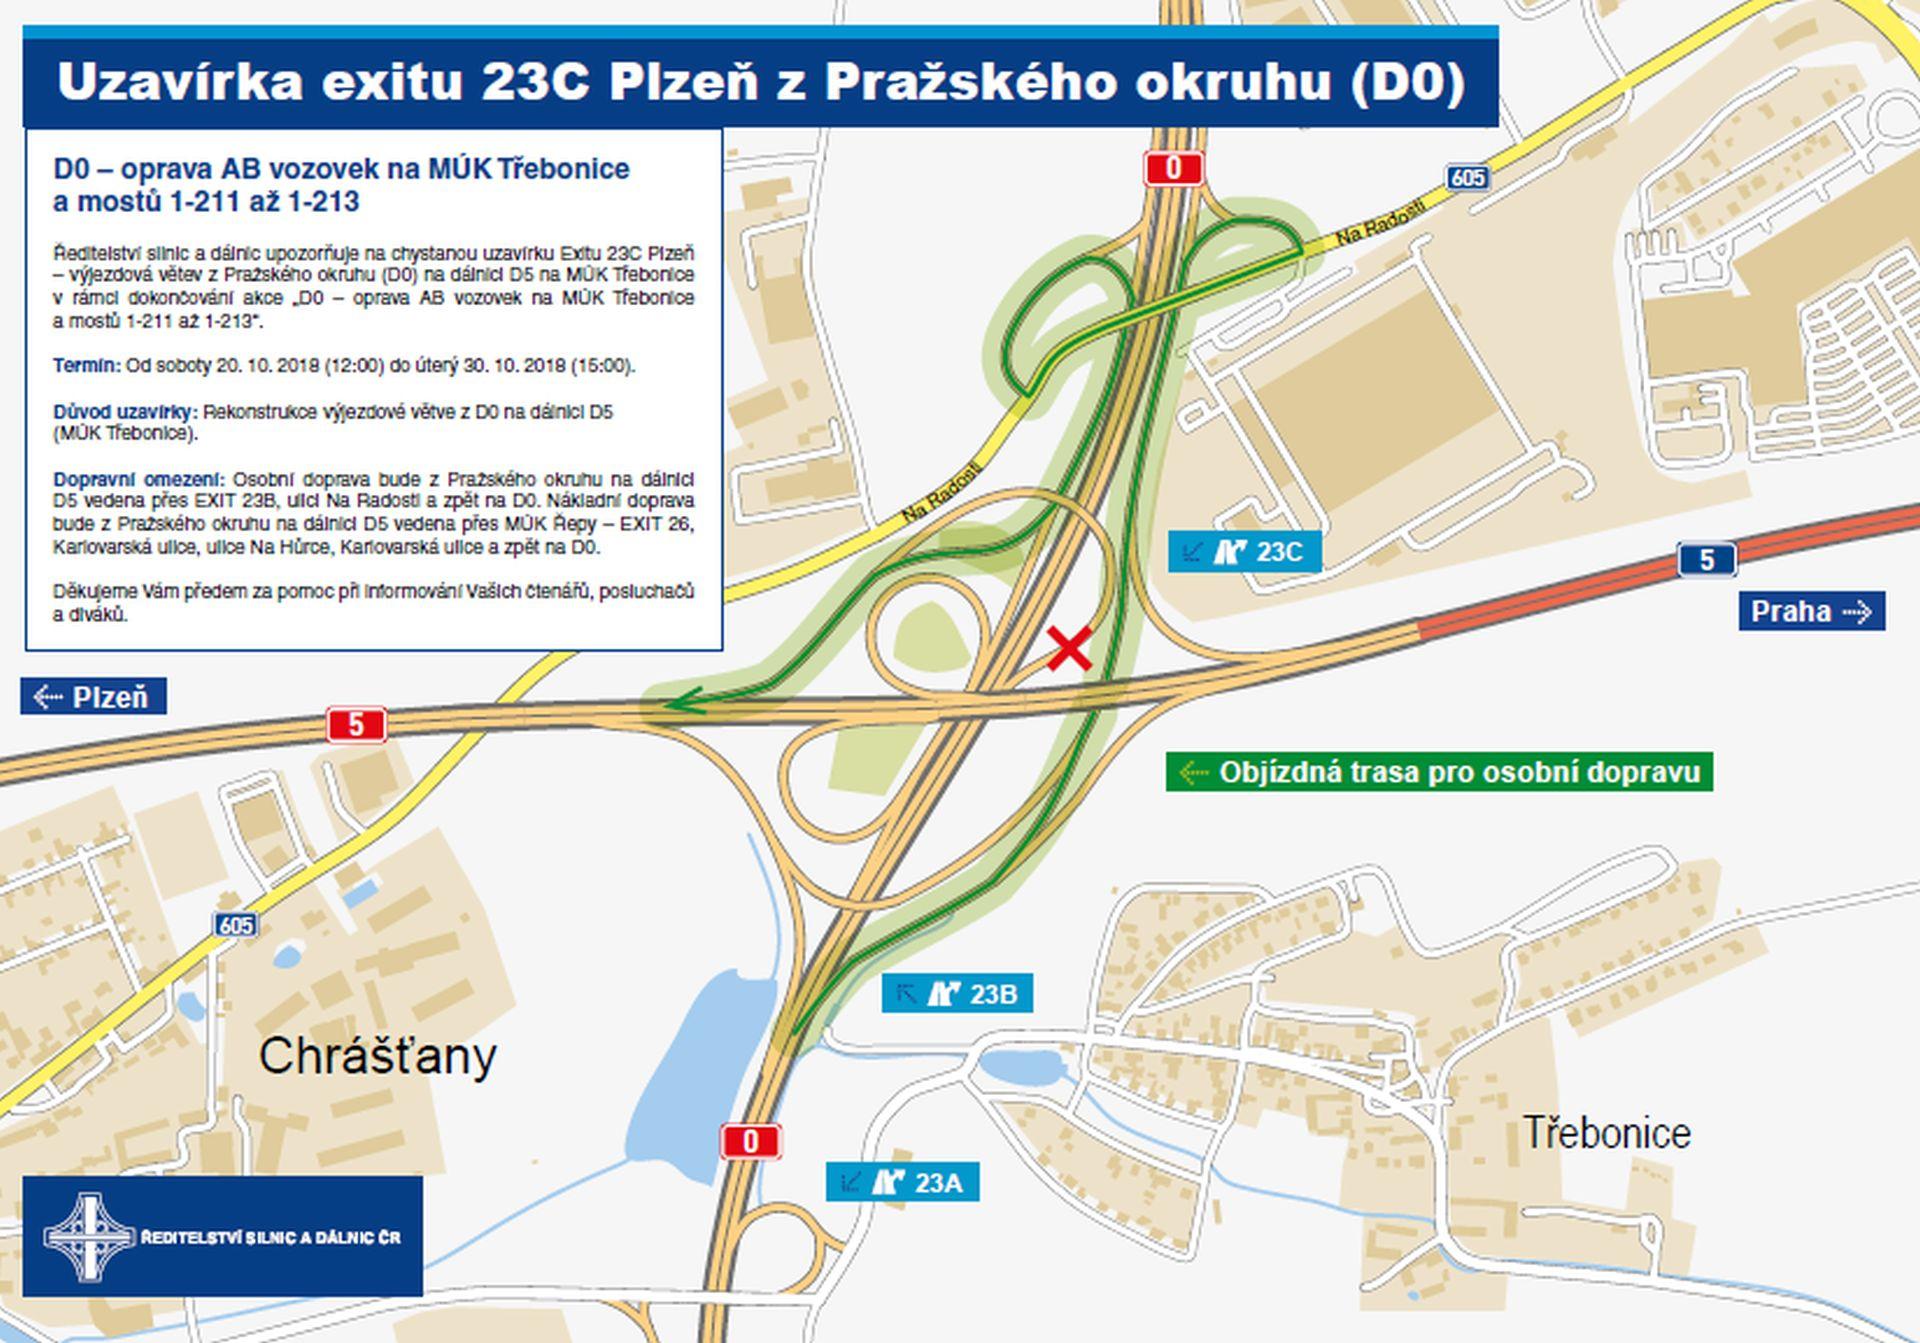 Objízdná trasa pro uzavírku exitu 23C spojující D0 a D5 pro osobní auta. Foto: ŘSD